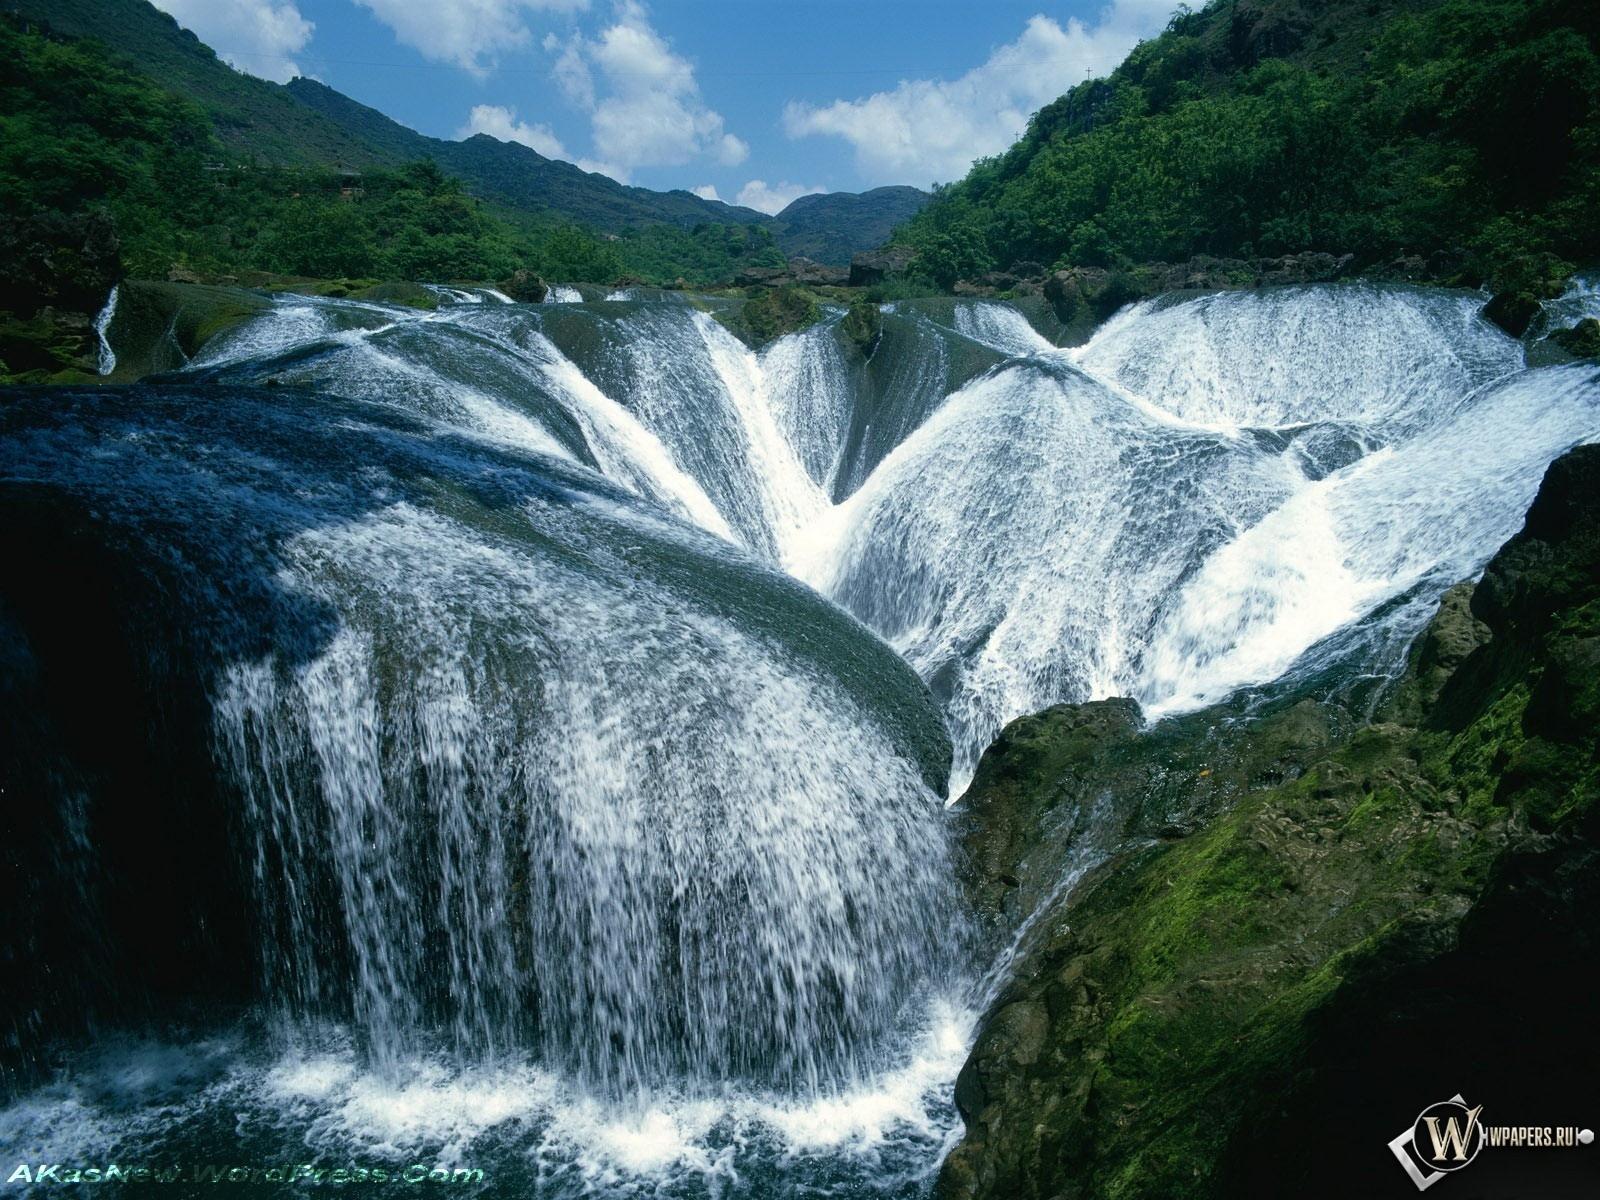 Водопад Жемчужина - долина Цзючжайгоу 1600x1200